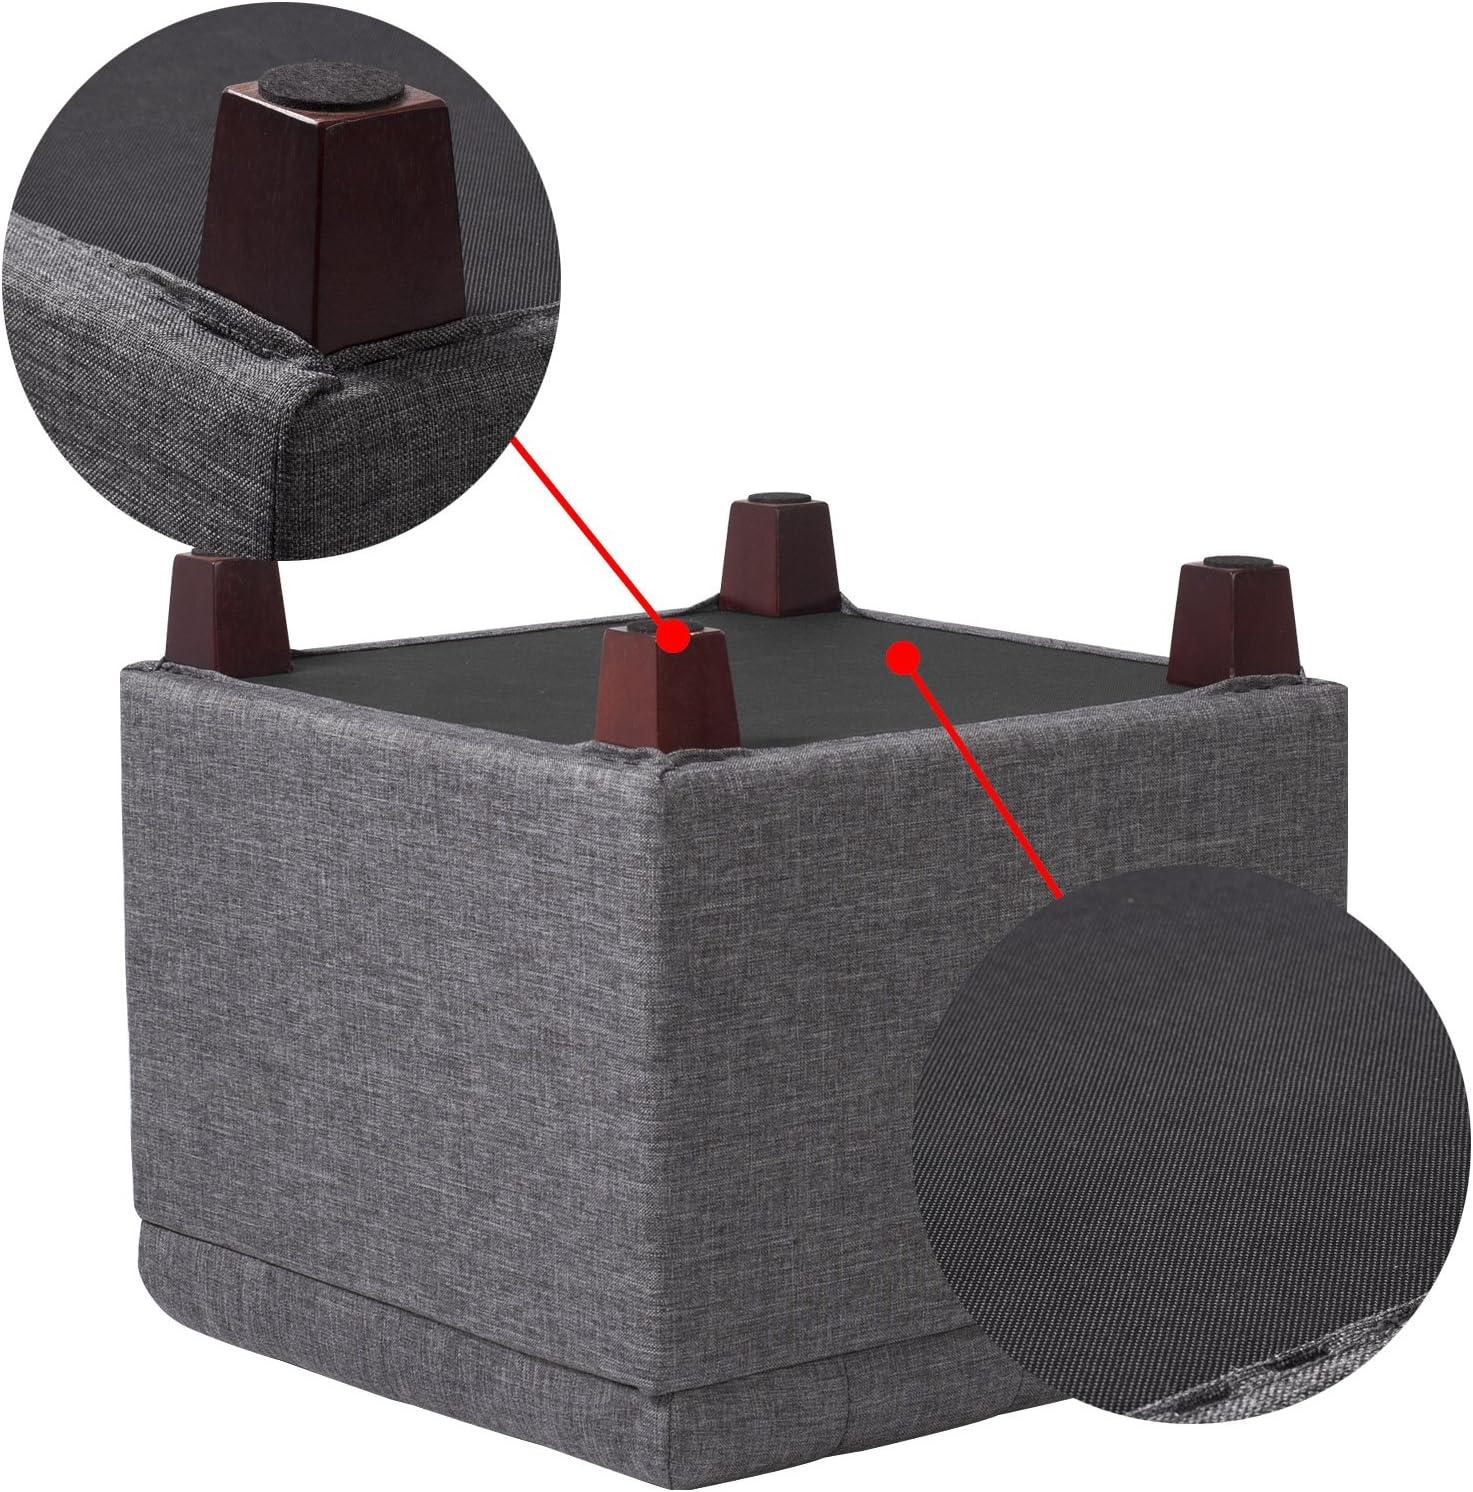 Gepolsterte Sitzfl/äche aus Leinen Aufbewahrungsbox Truhen Deckel abnehmbar 45 * 45 * 41CM Hellgrau SH18hgr WOLTU/® Sitzhocker Sitzw/ürfel mit Stauraum